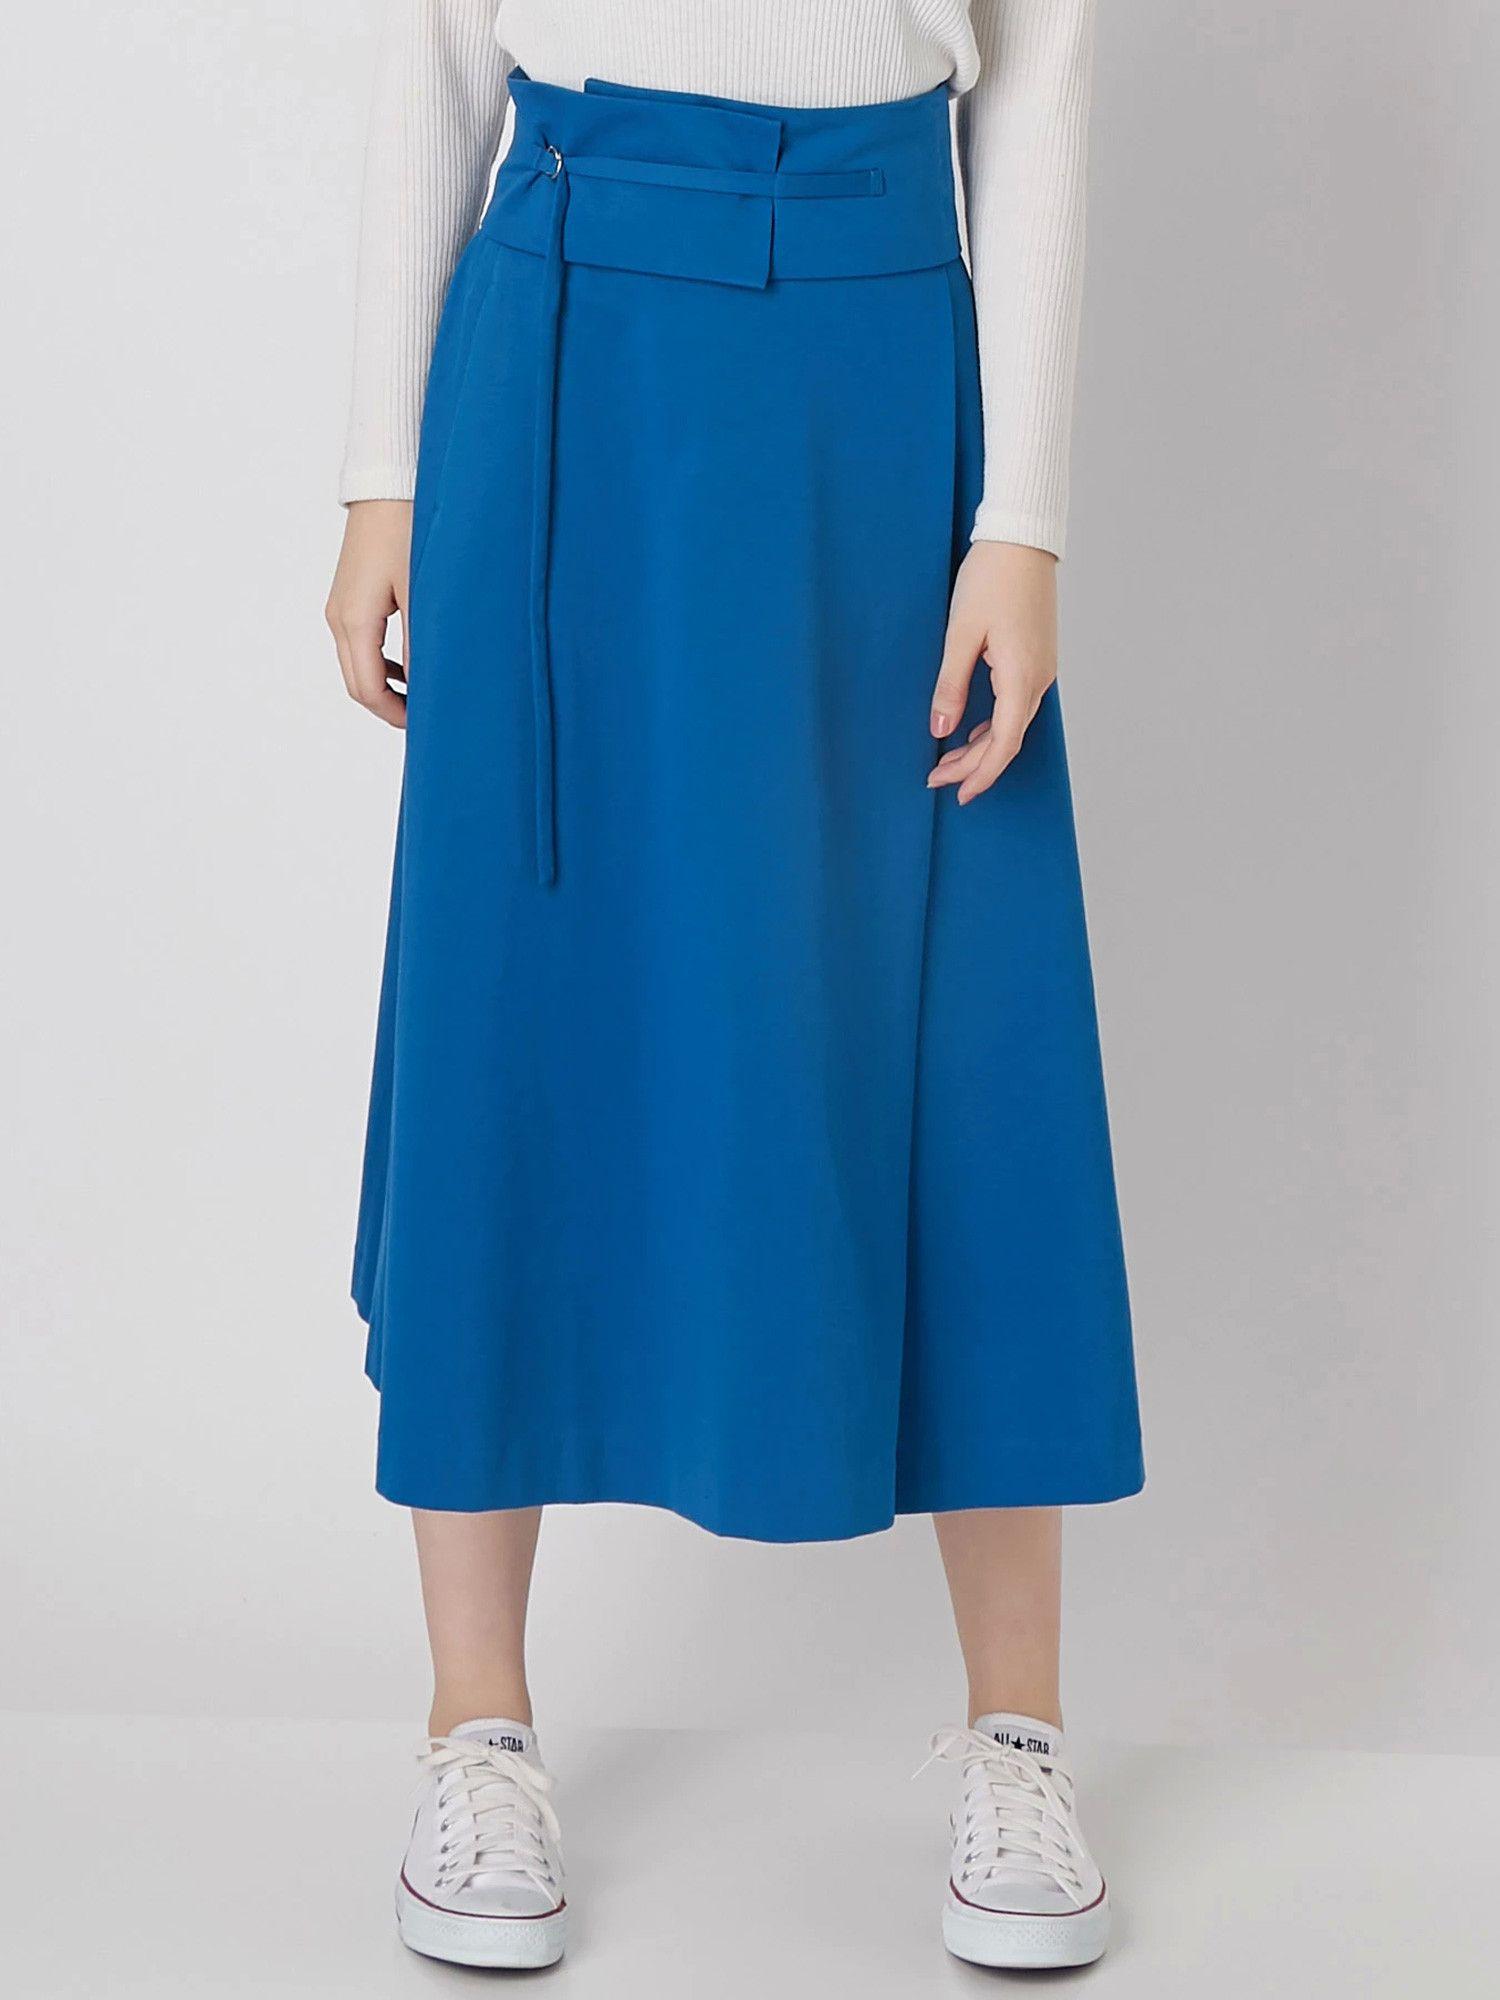 [妇女]耀斑裙